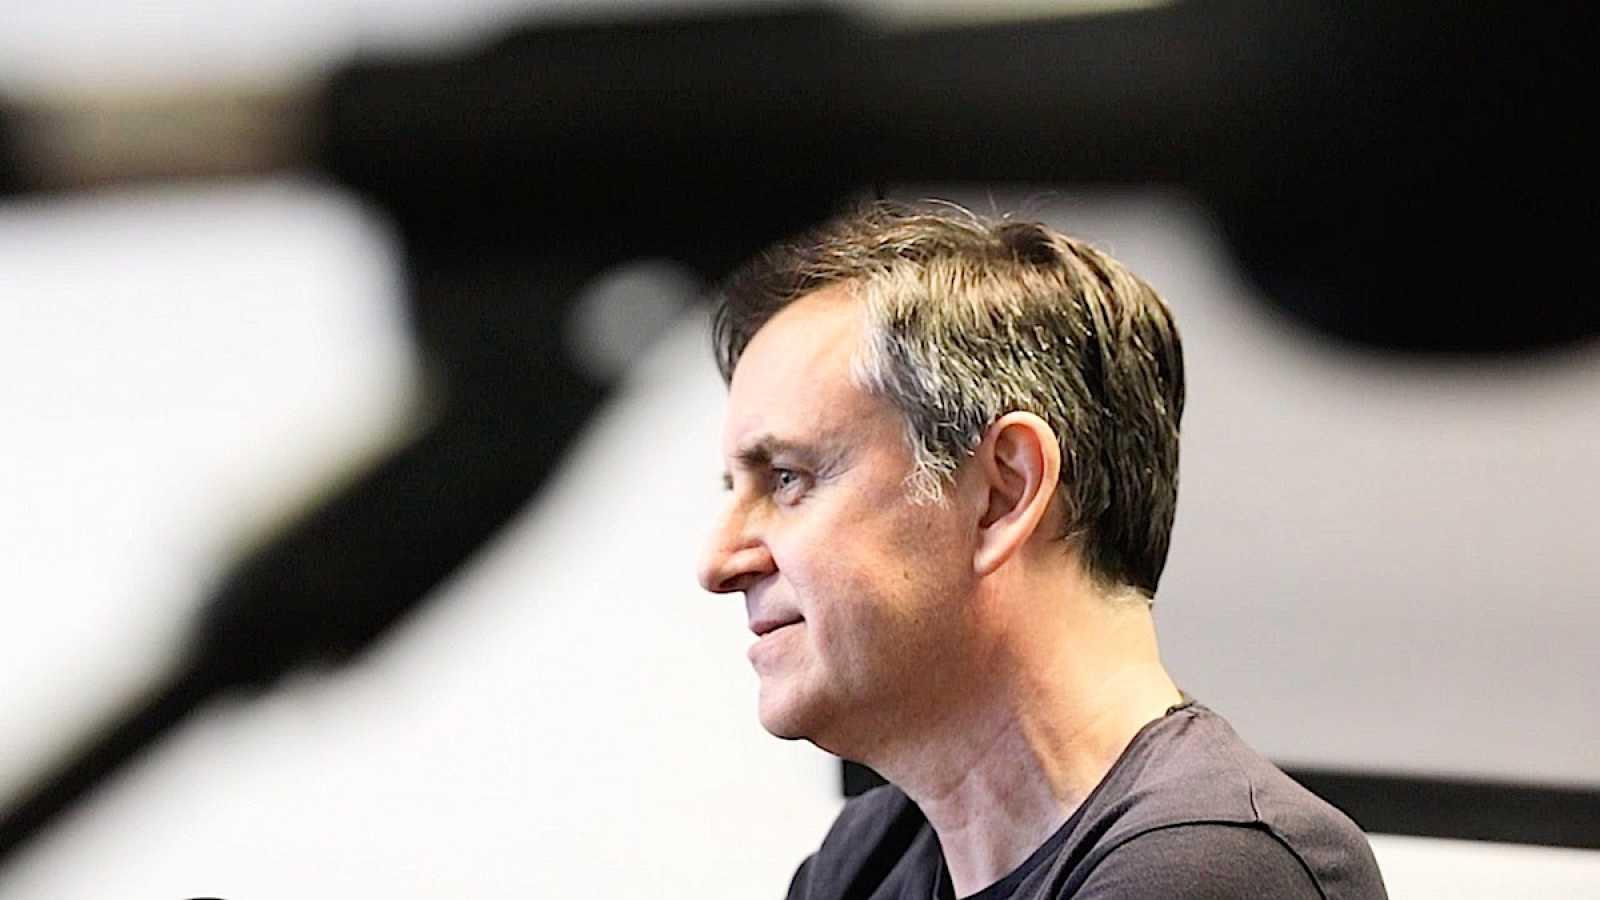 Backline - Paul Zinnard, el nuevo Trance - Ver ahora